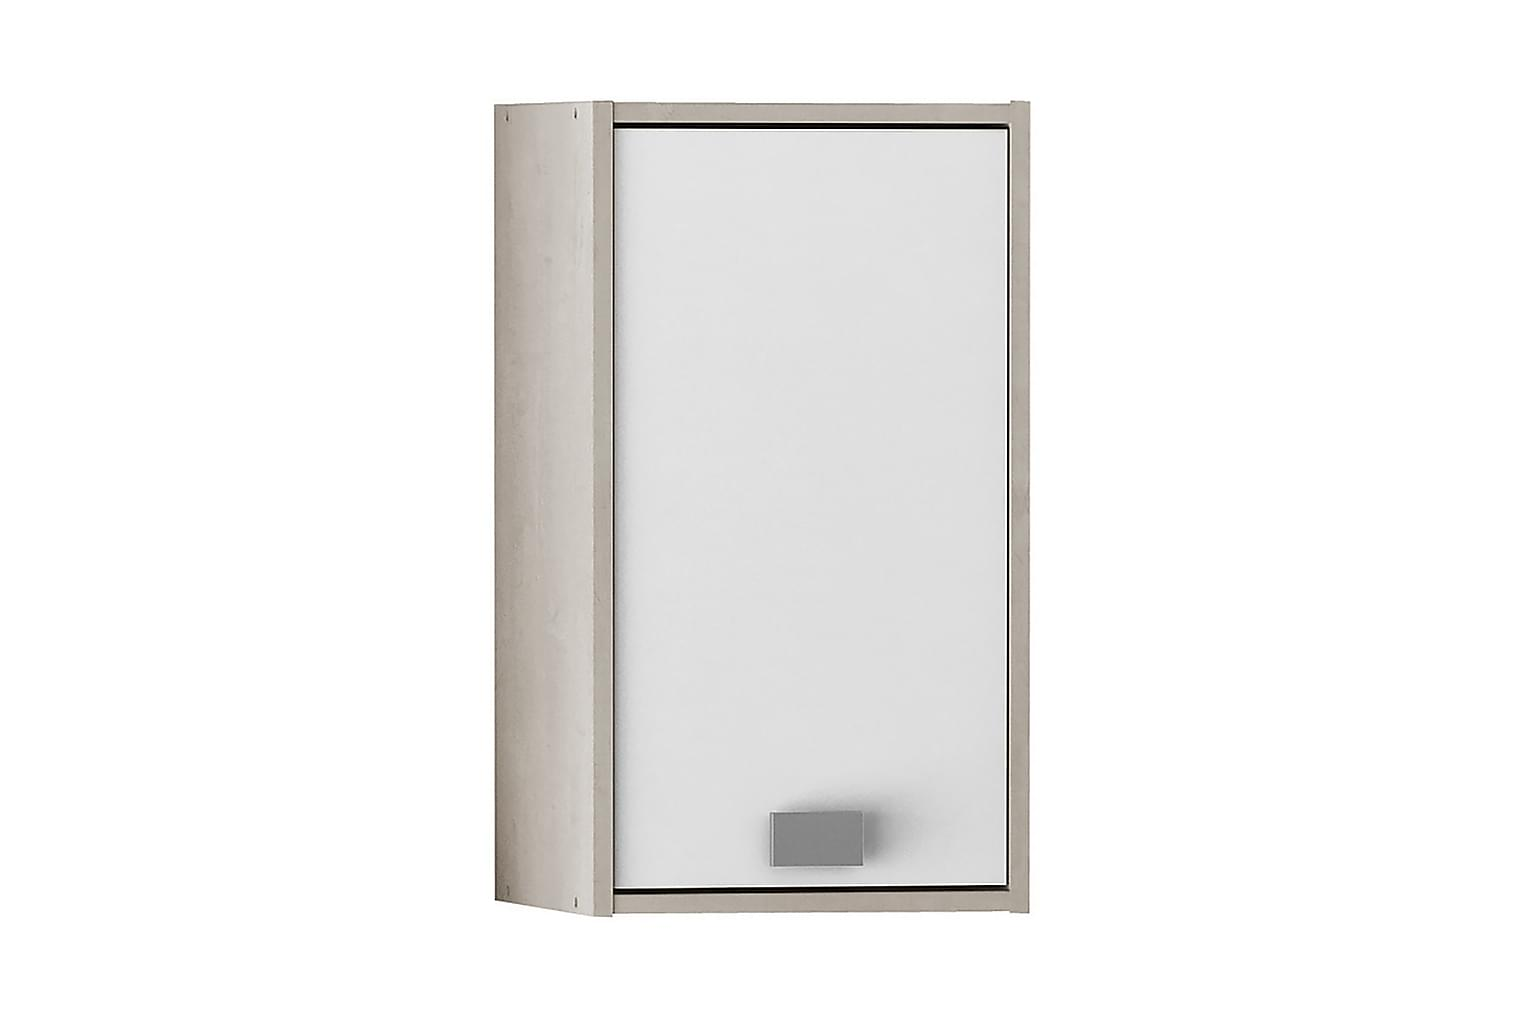 FIJI Seinäkaappi 34 Valkoinen/Luonnonväri